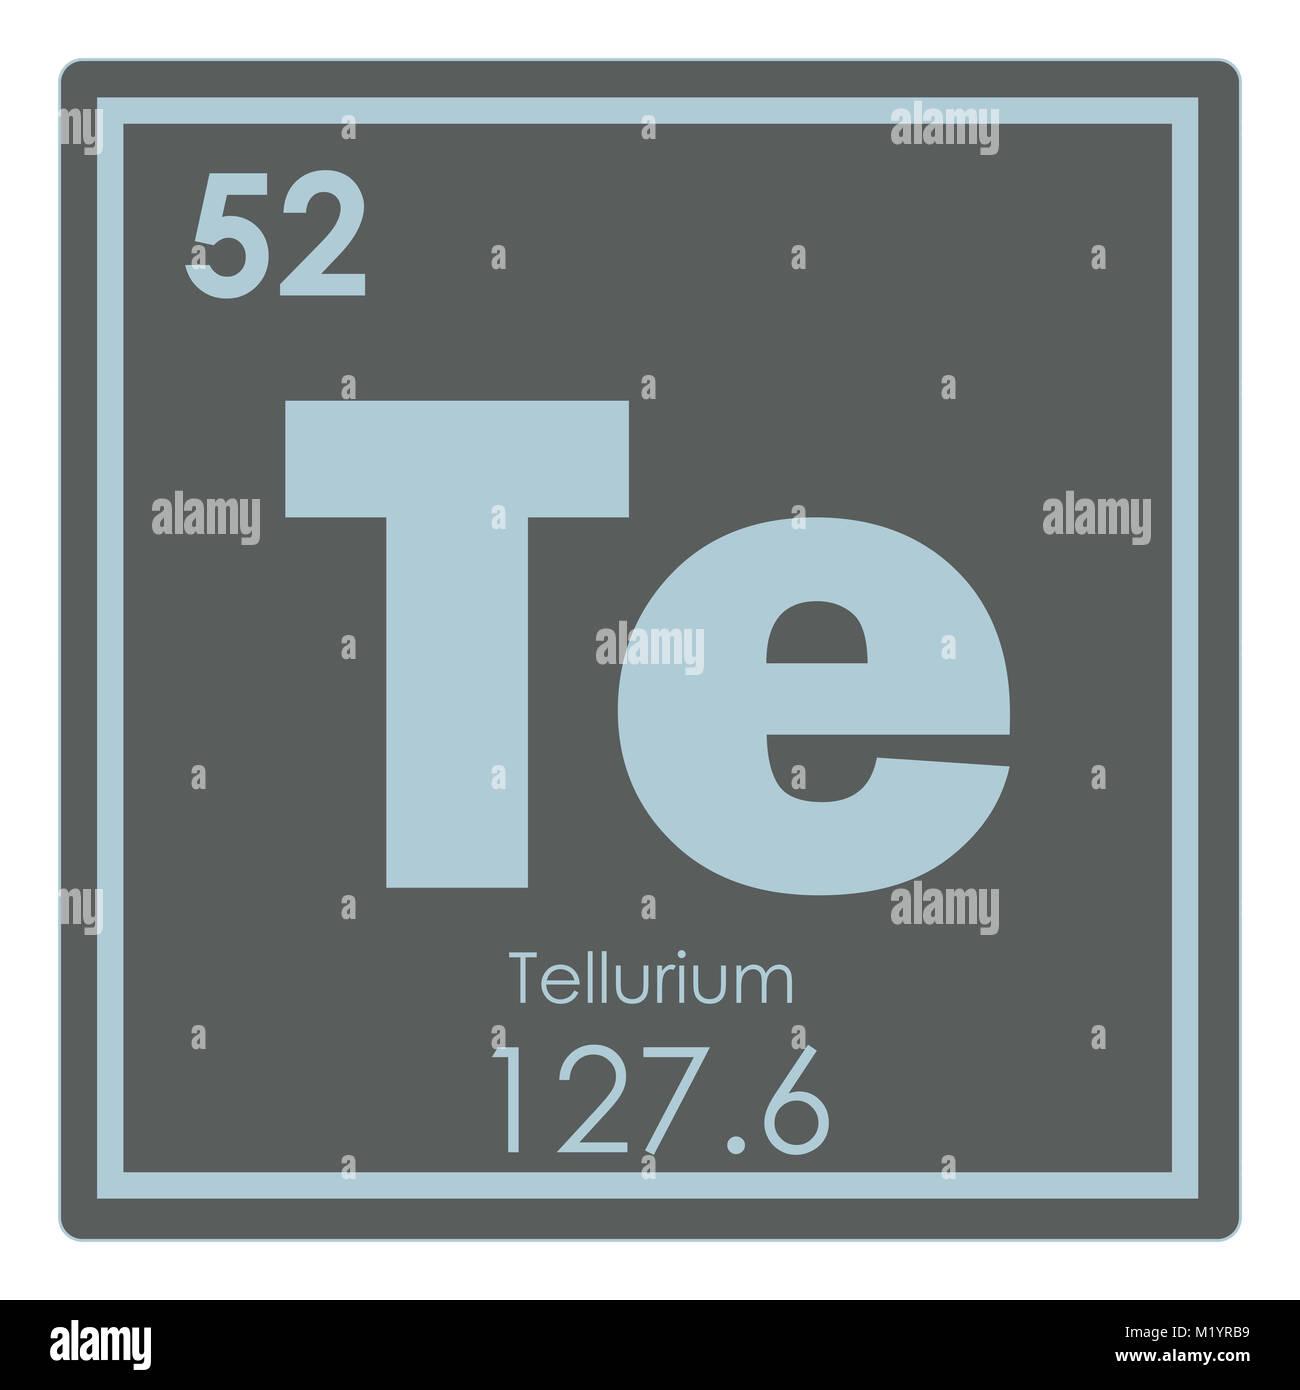 Tellurium chemical element periodic table science symbol stock tellurium chemical element periodic table science symbol buycottarizona